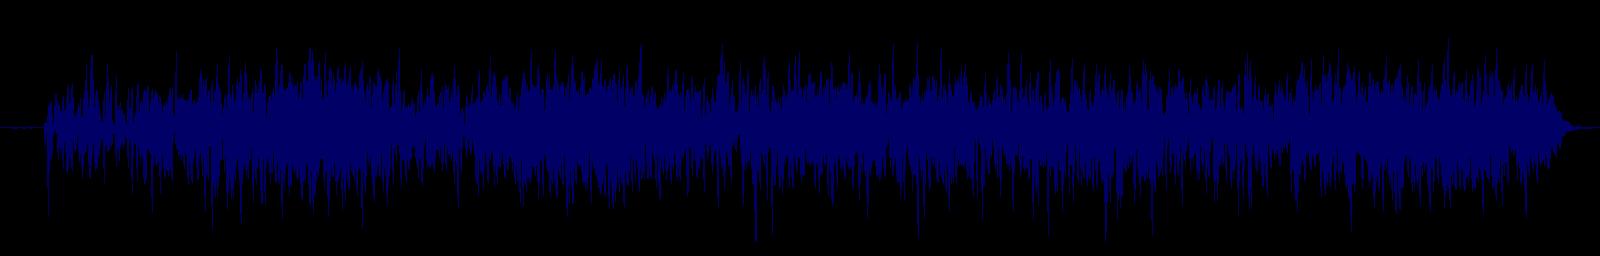 waveform of track #121009